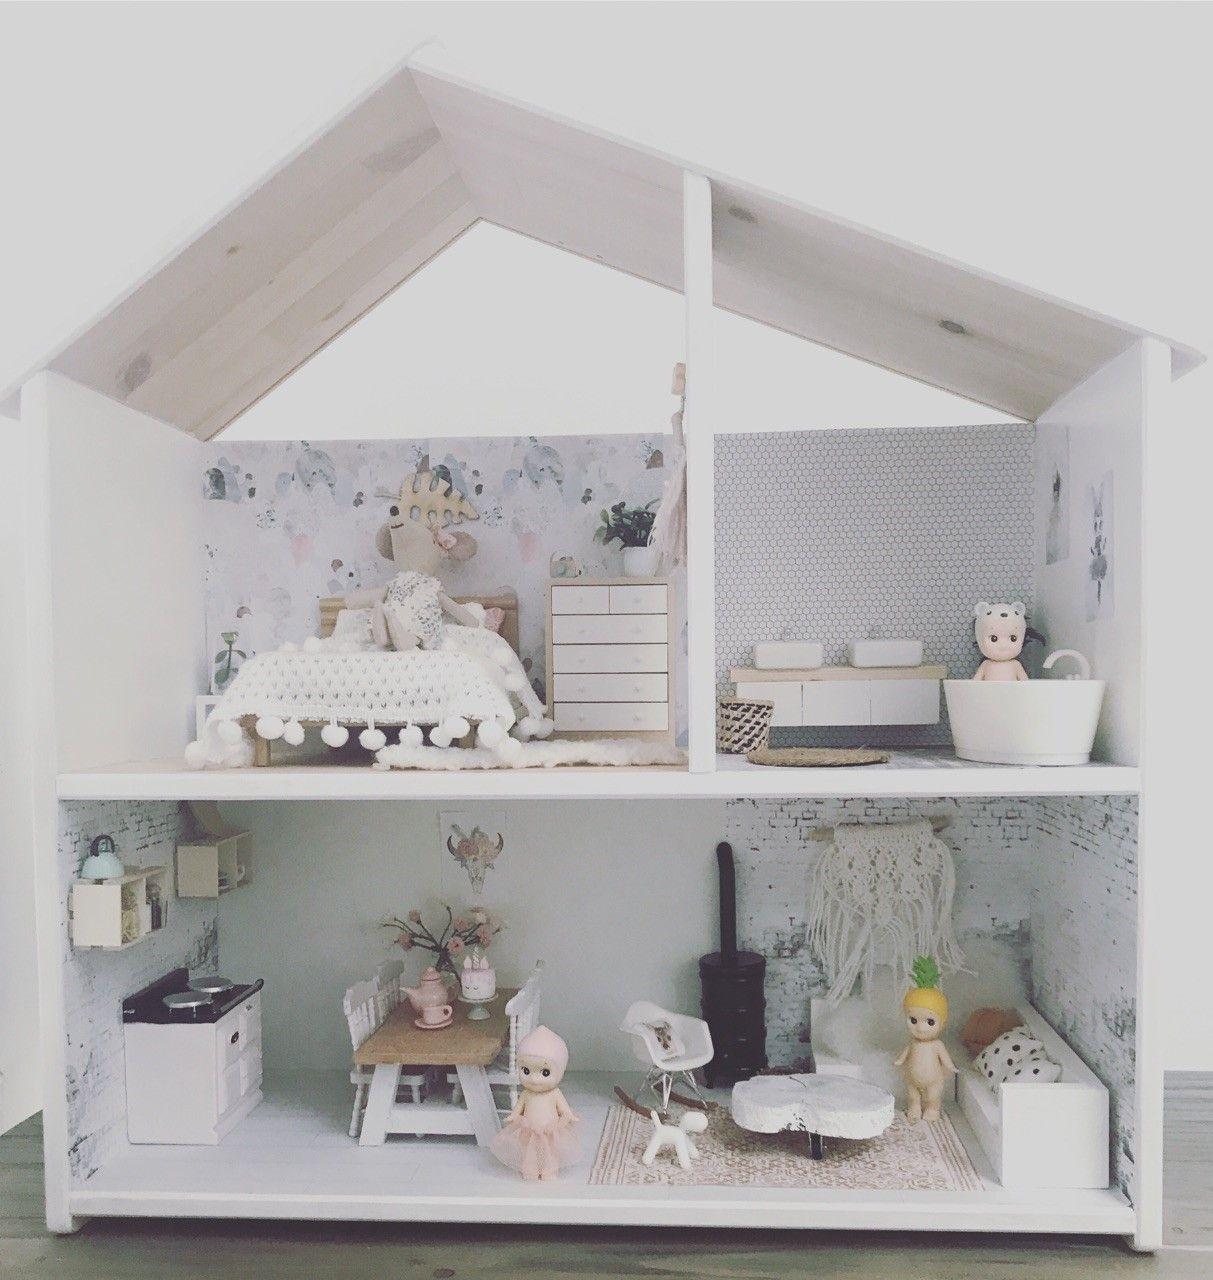 Nieuw: poppenhuis van de maand! Gastblogger Annemieke schrijft over ...